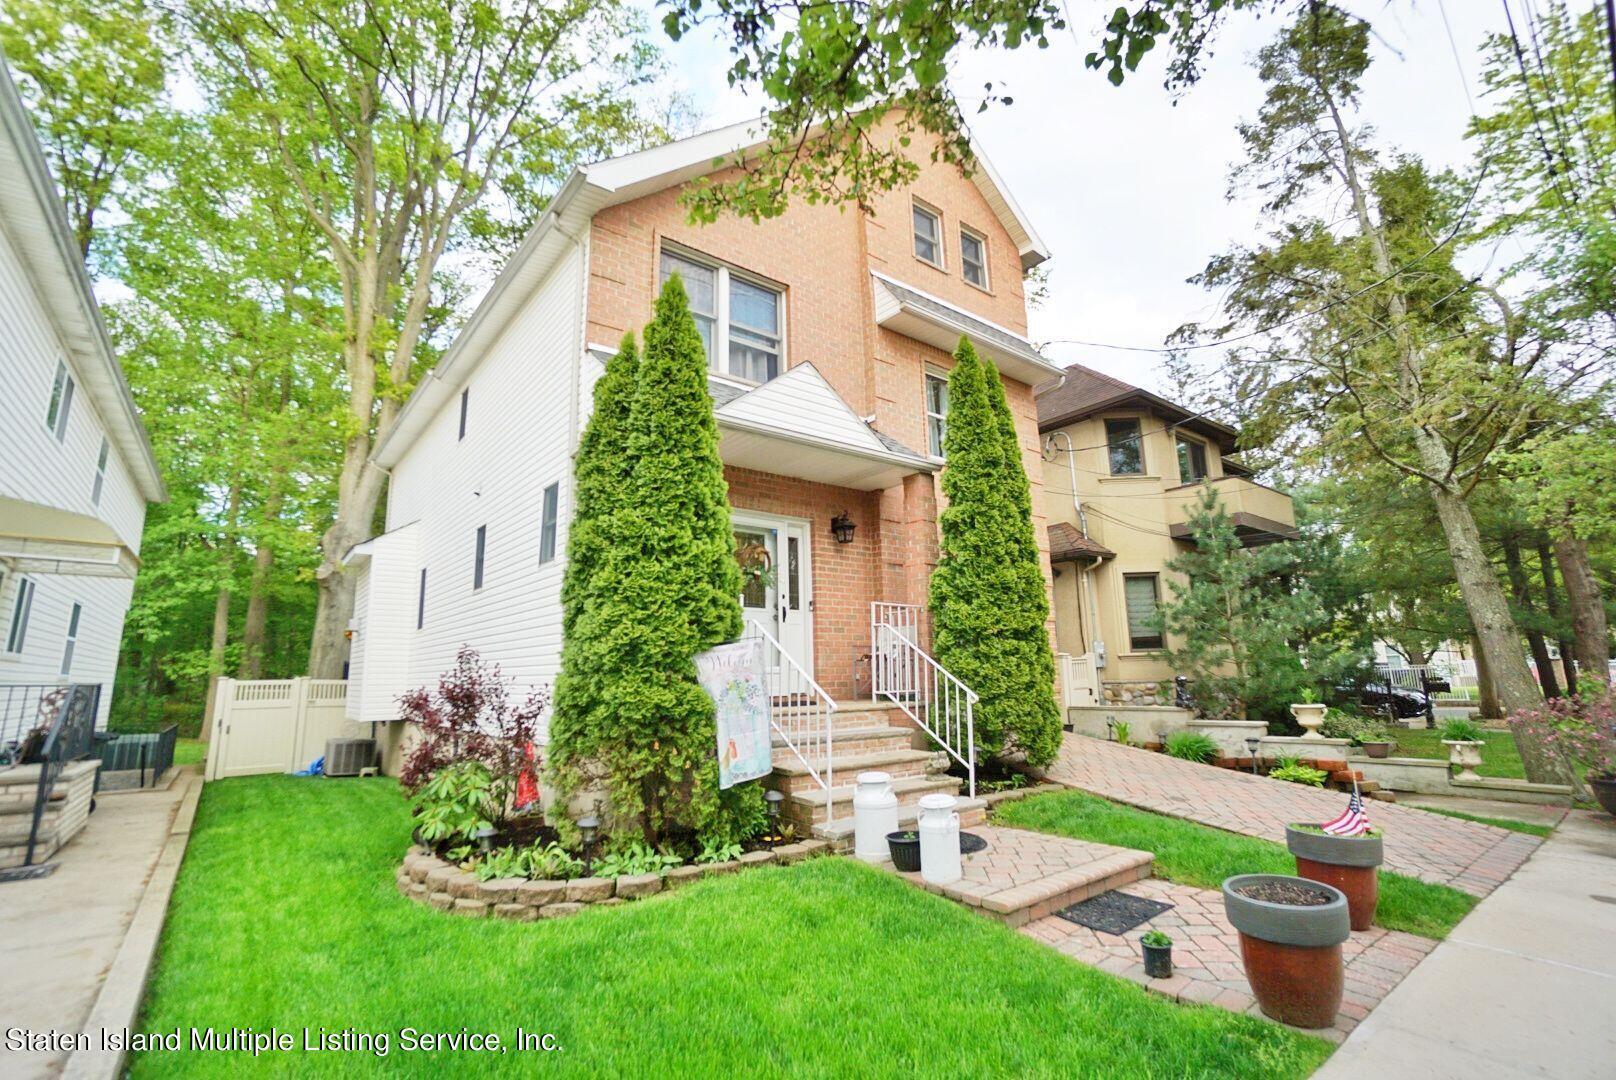 Single Family - Detached 311 Sharrott Avenue  Staten Island, NY 10309, MLS-1146042-4